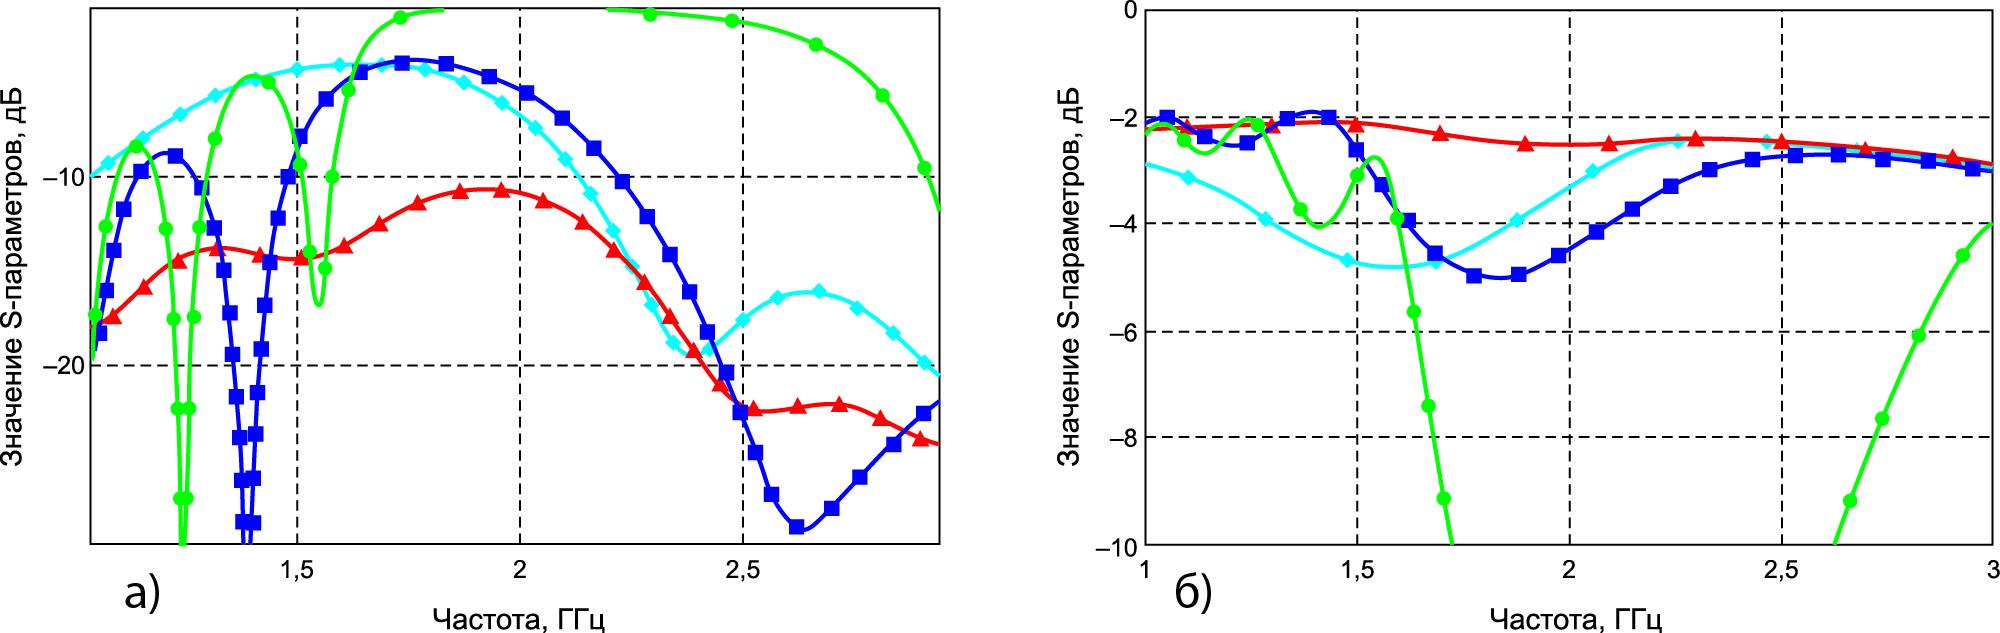 Частотная зависимость от емкости варактора